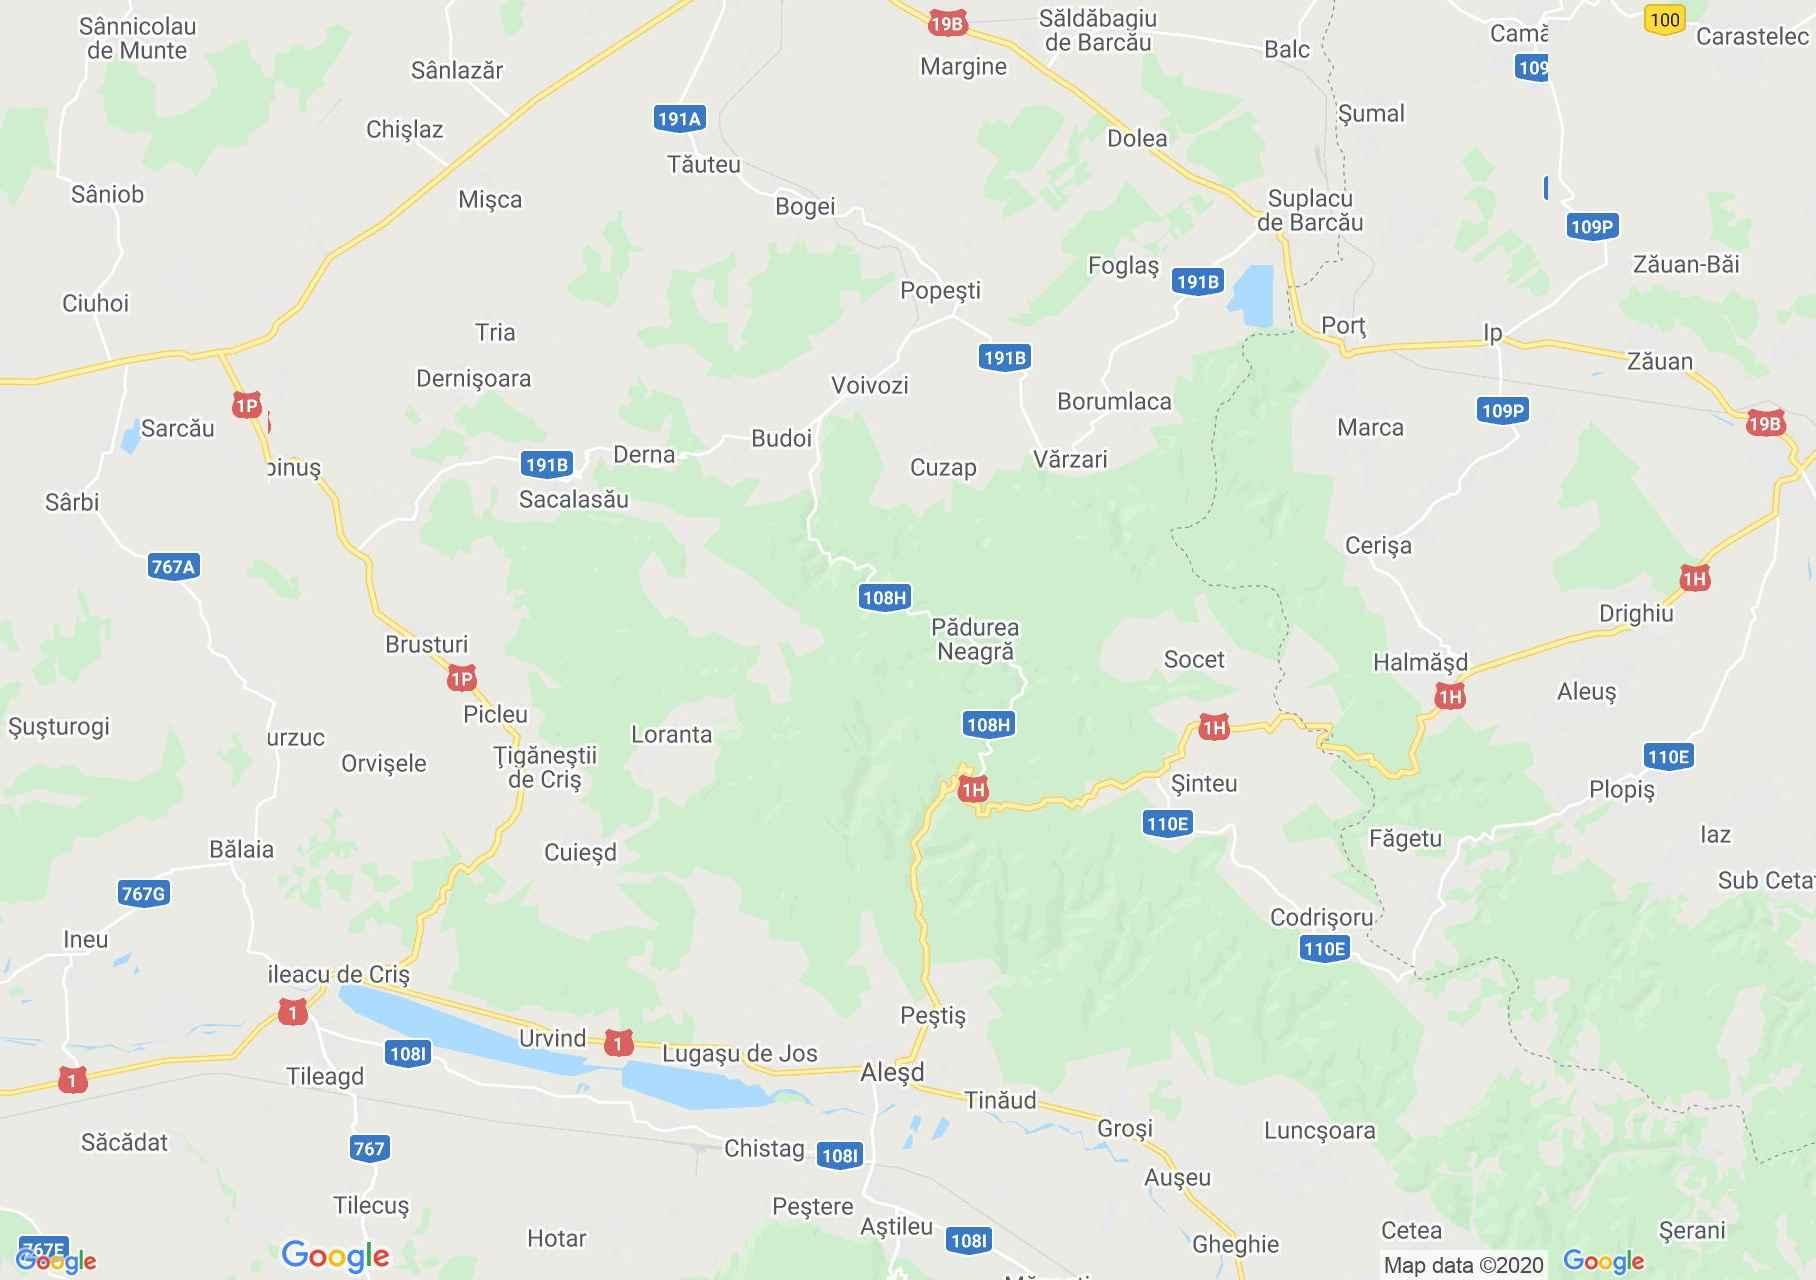 Feketeerdő - Szilágynagyfalu interaktív turista térképe.